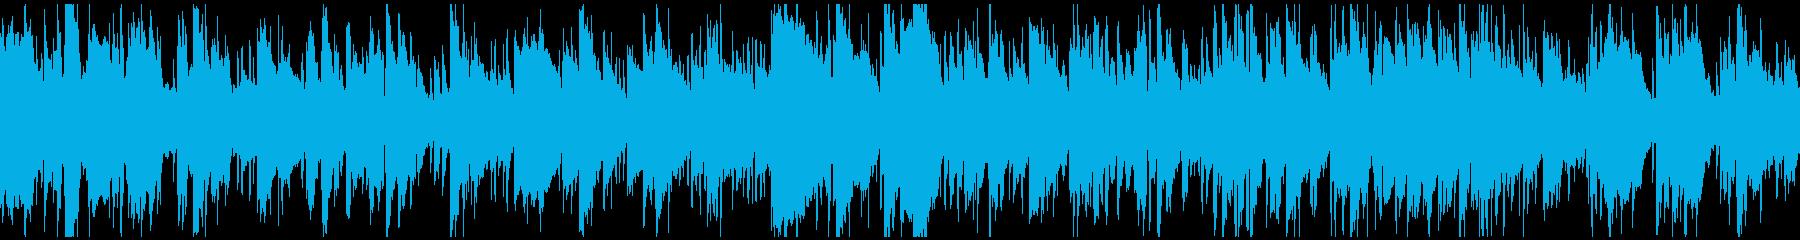 フレッシュなエレピ&サックス ※ループ版の再生済みの波形